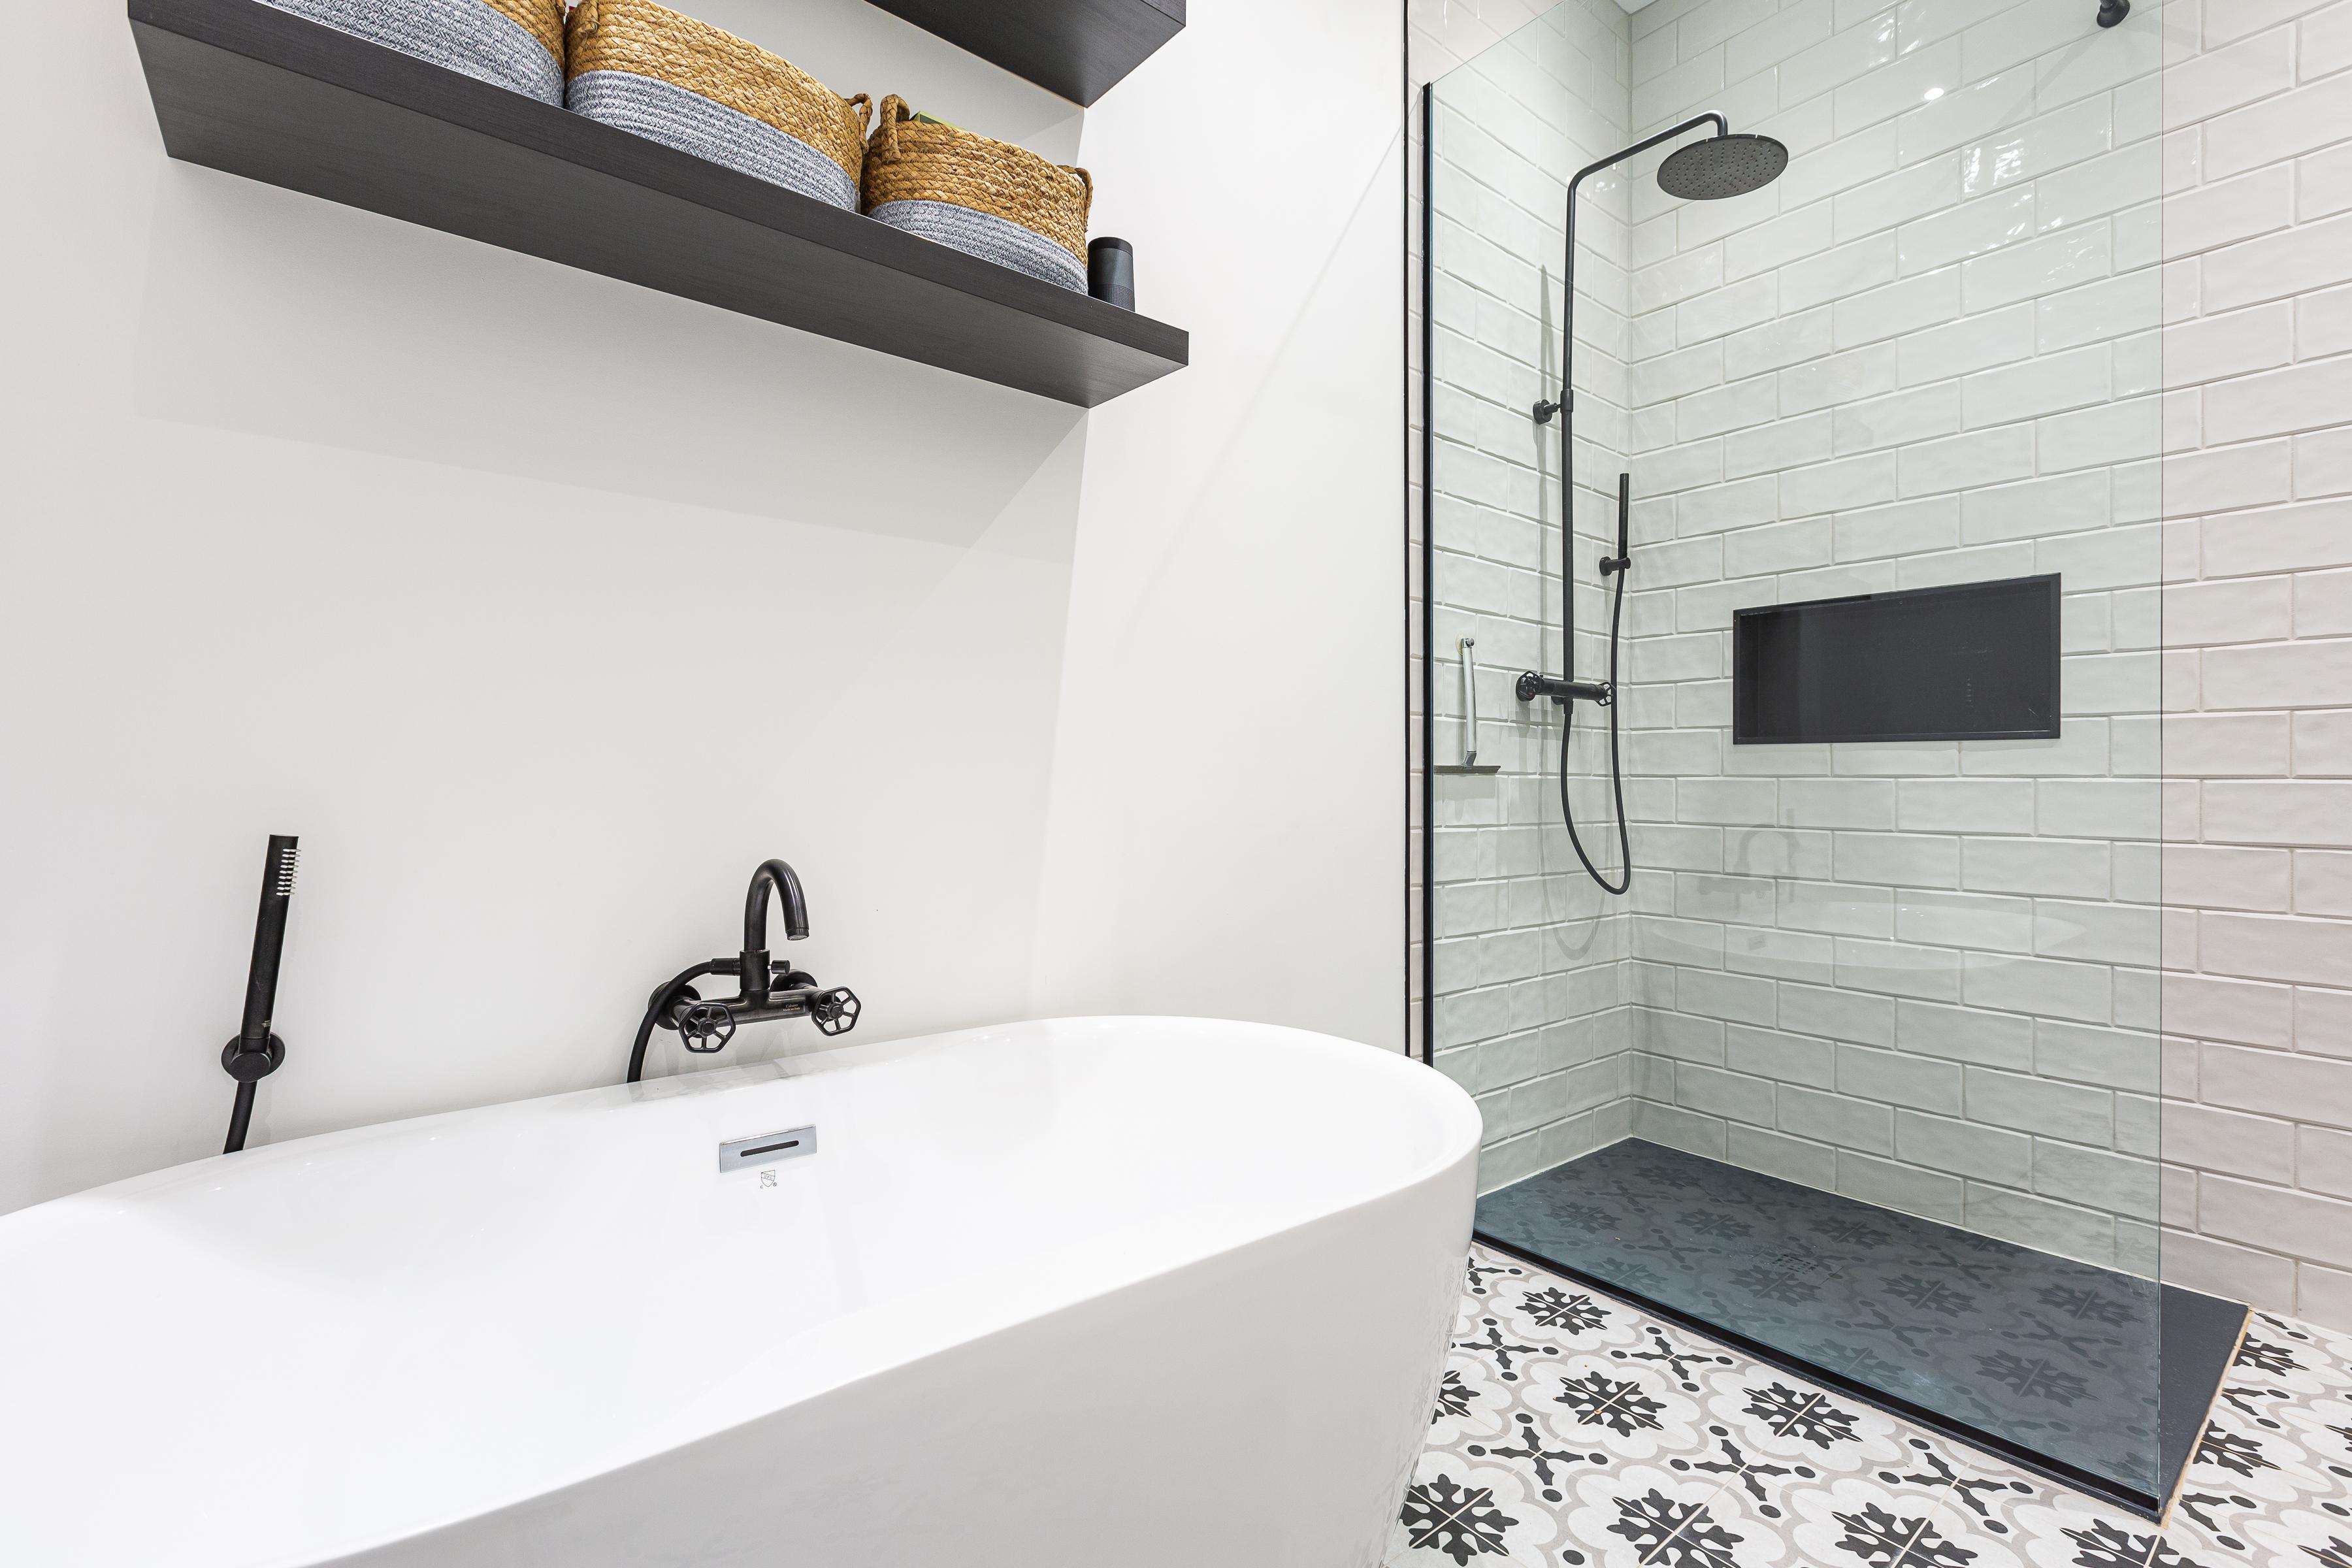 Baignoire blanche autoportante avec douche vitrée et robinetterie noire